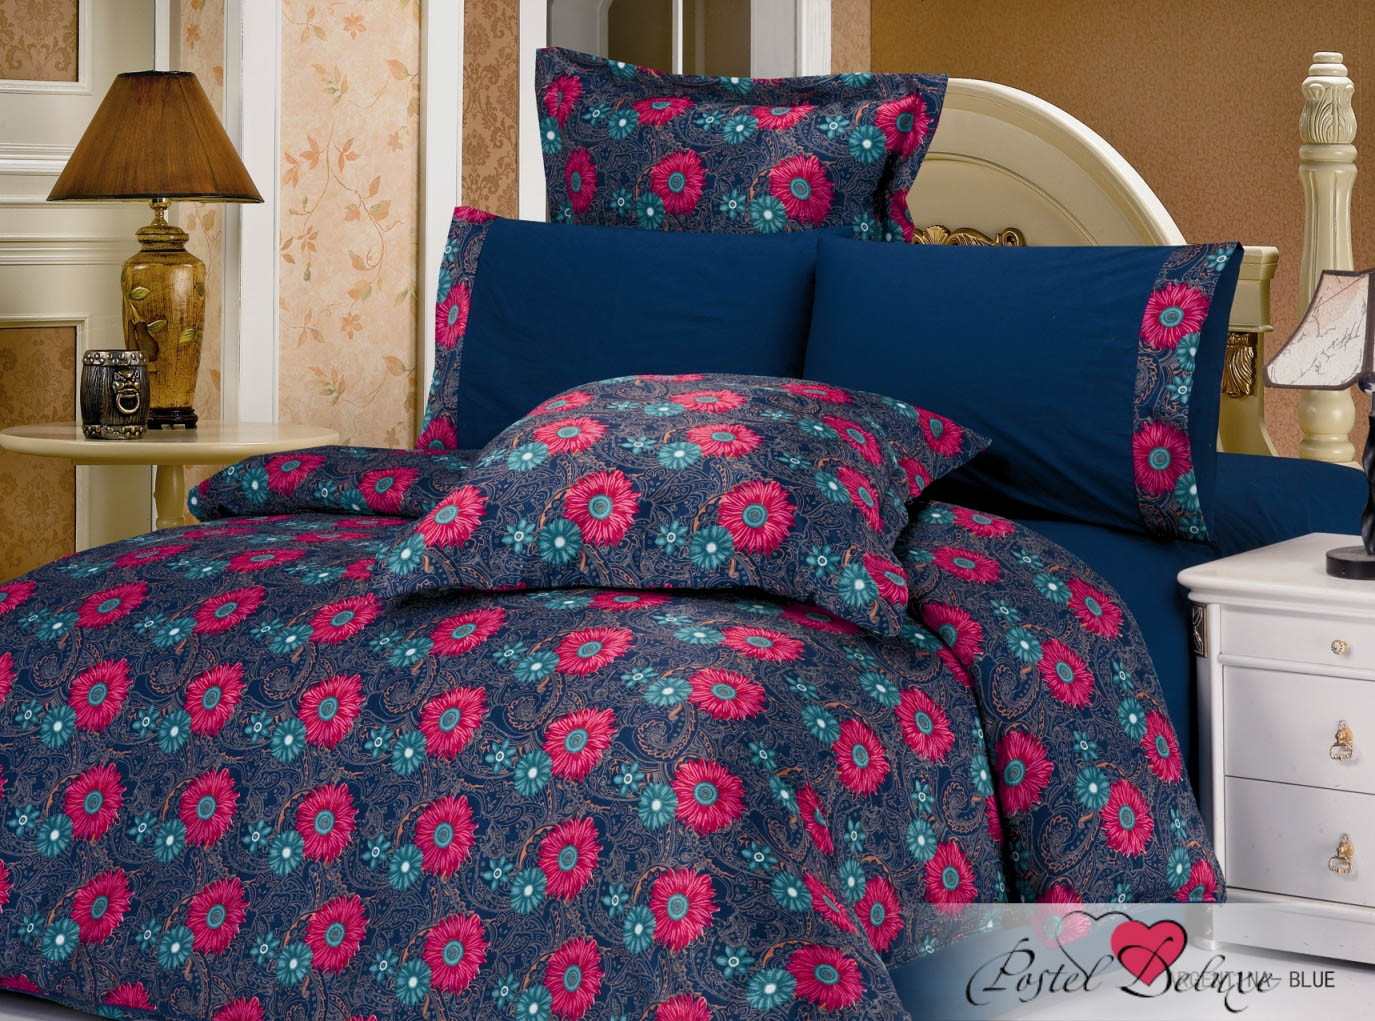 Купить Комплекты постельного белья Le Vele, Постельное белье Argentina Цвет: Синий (2 сп. евро), Турция, Черный, Атласный шелк